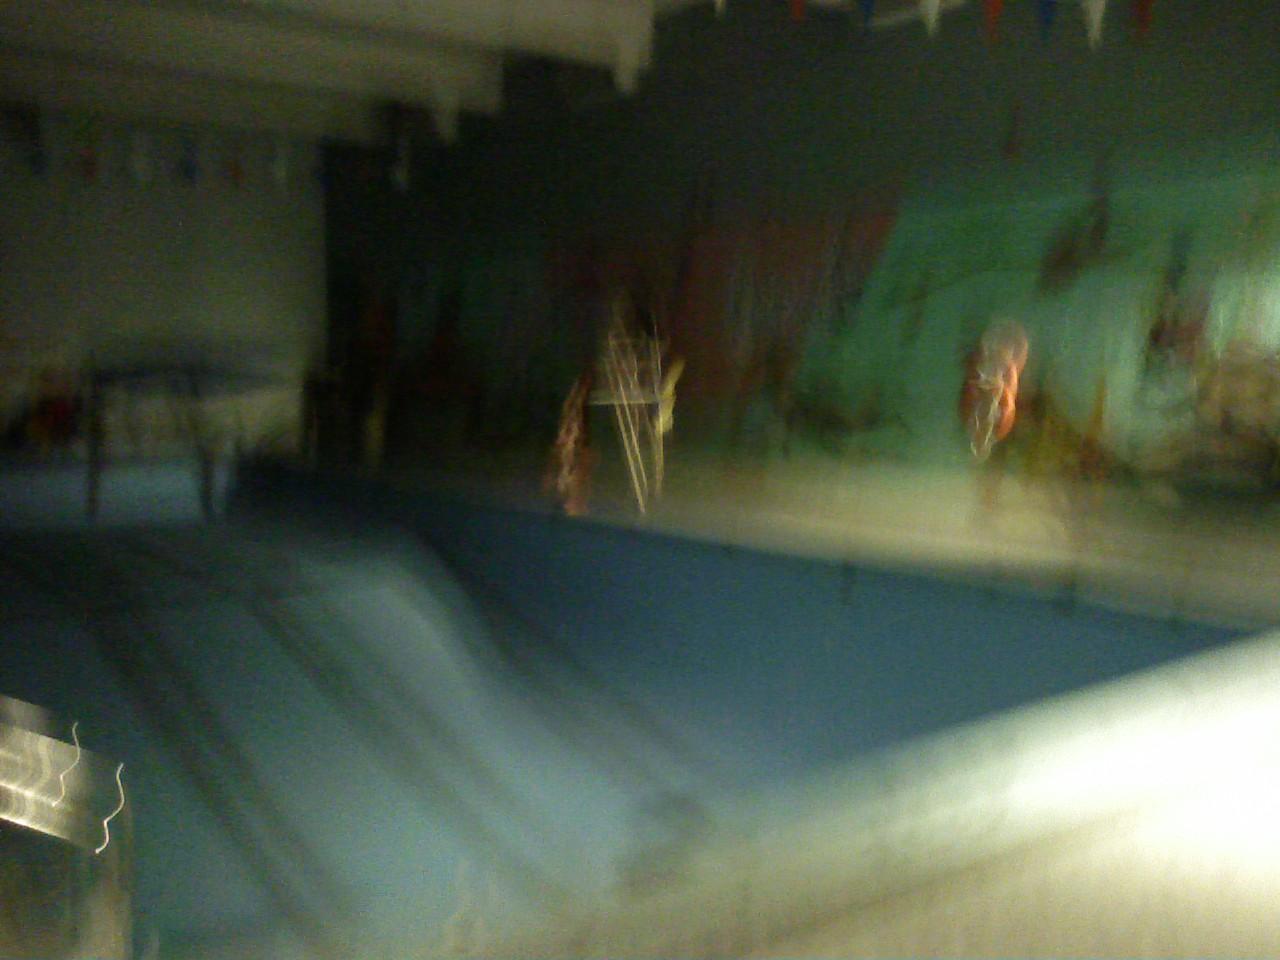 stalbans-empty-pool.jpg